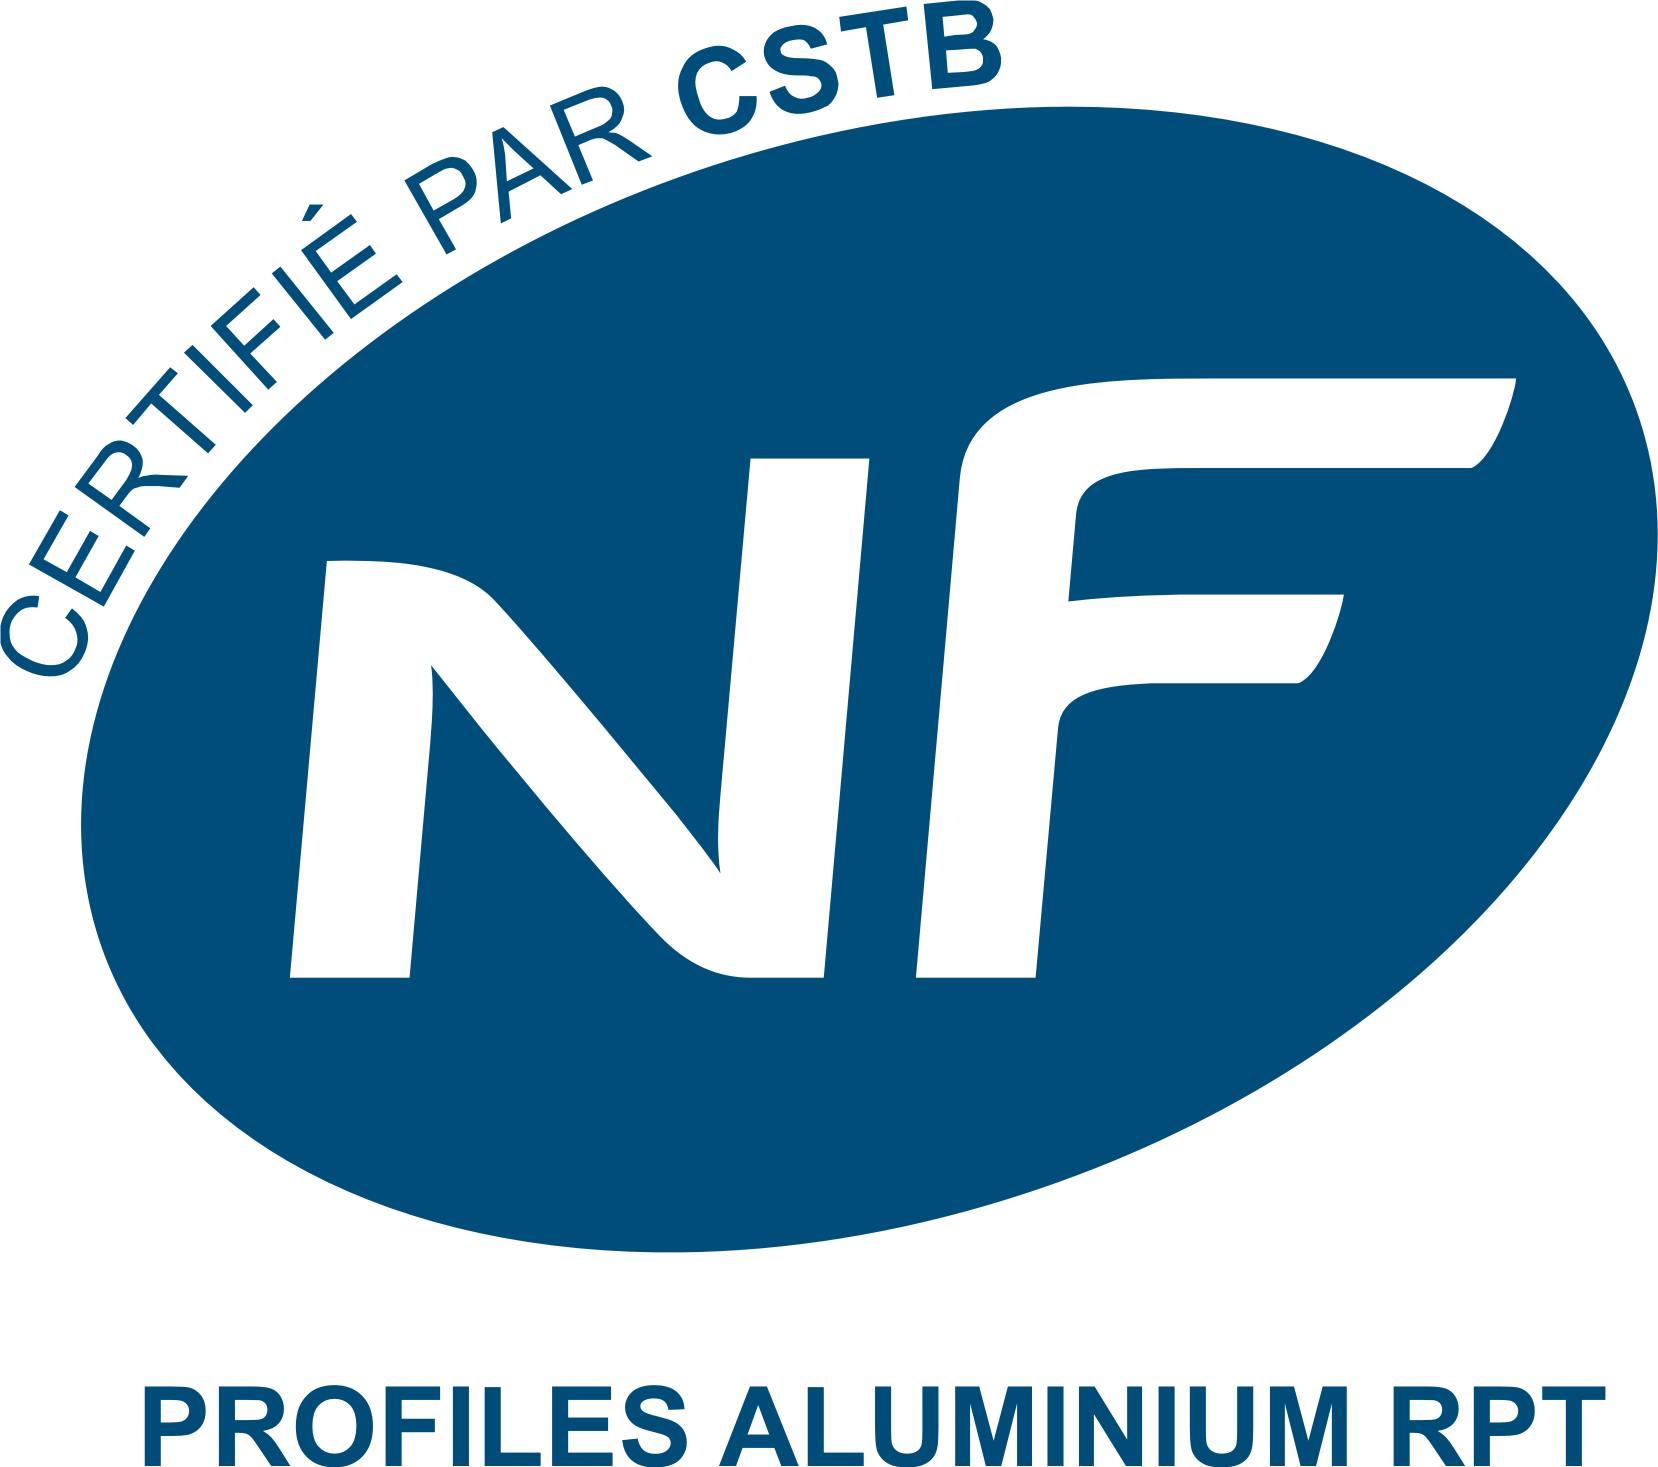 2011 NF CSTB PROFILES ALUMINIUM RPT